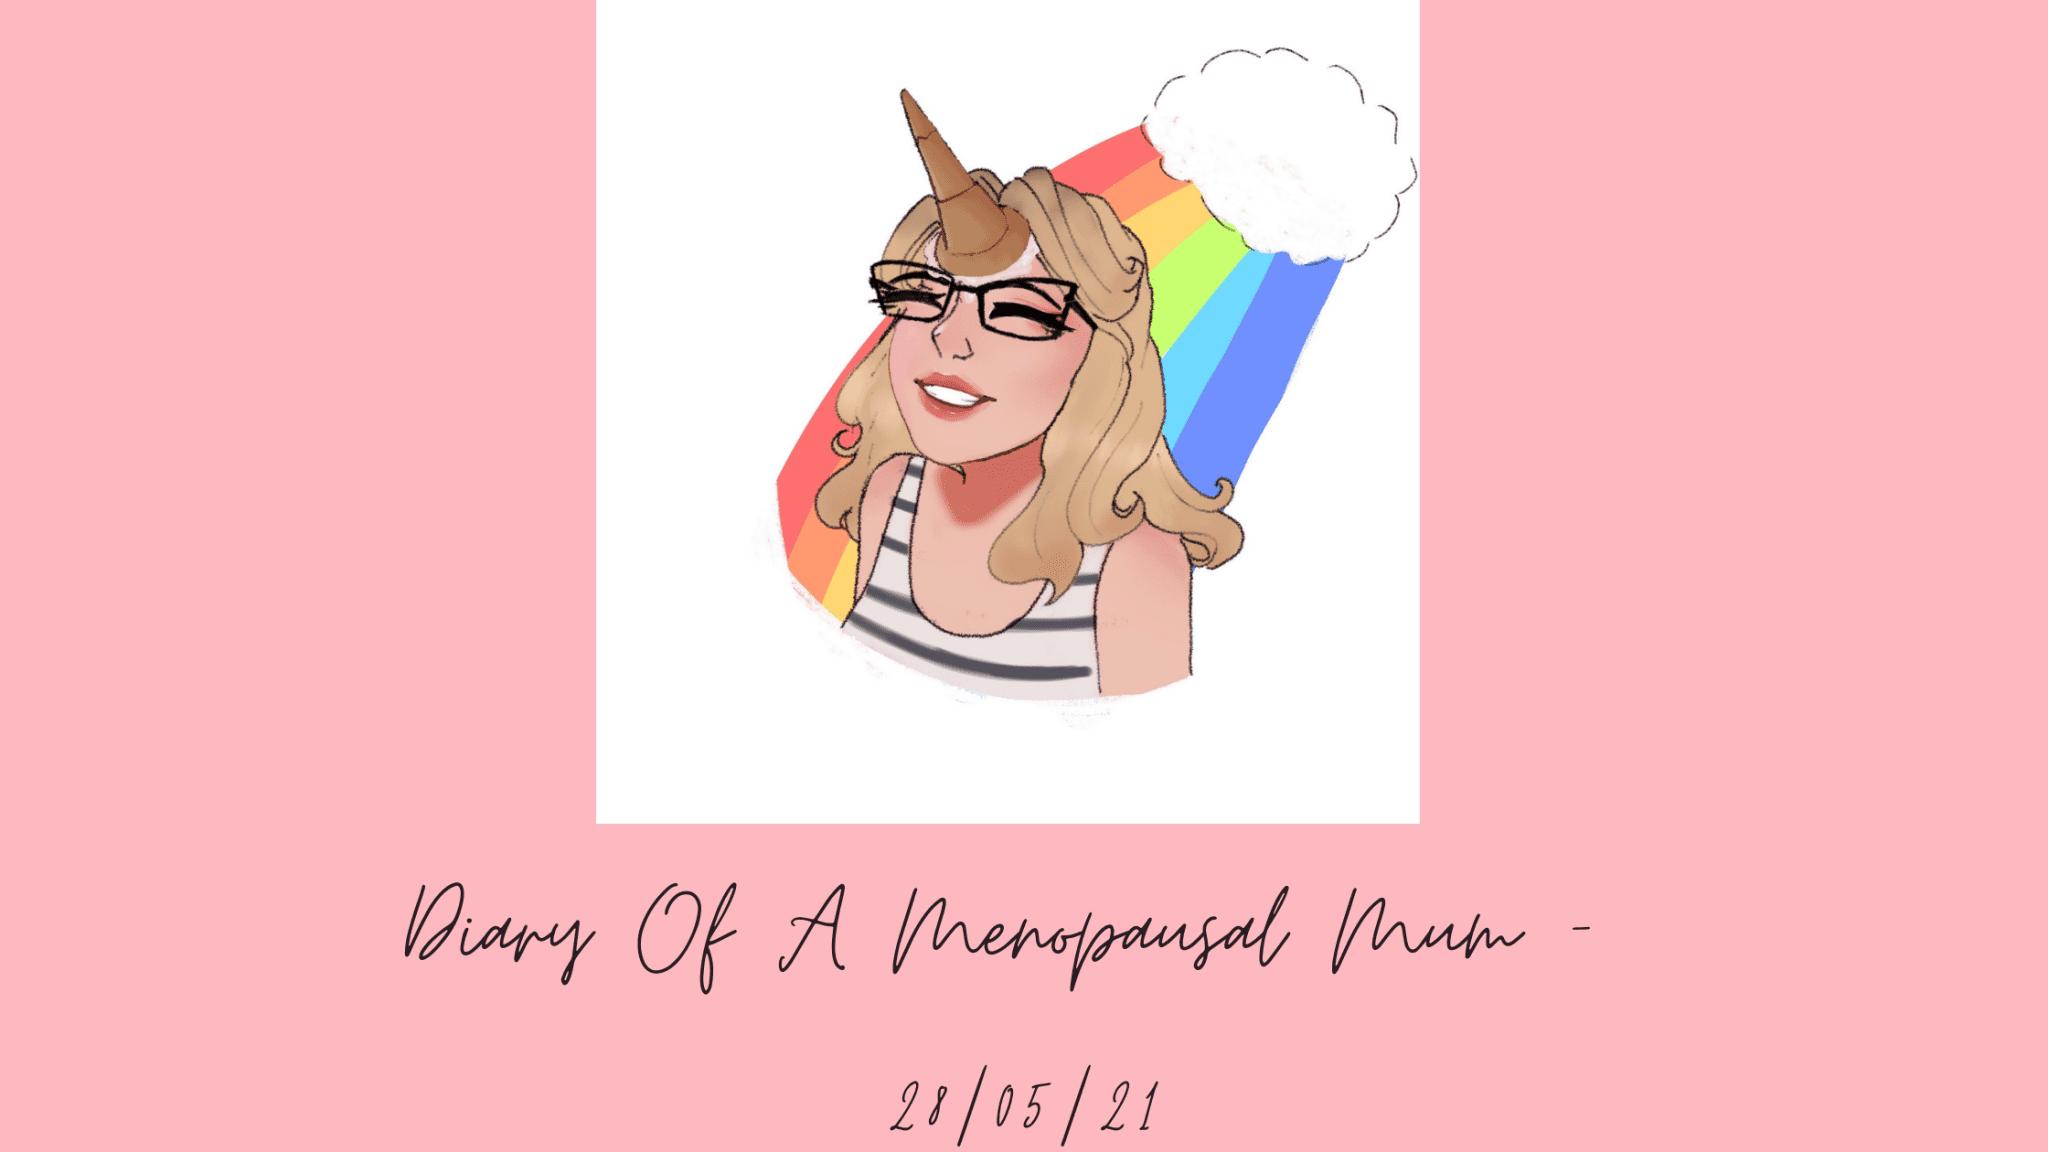 Diary Of A Menopausal Mum - 28/05/20